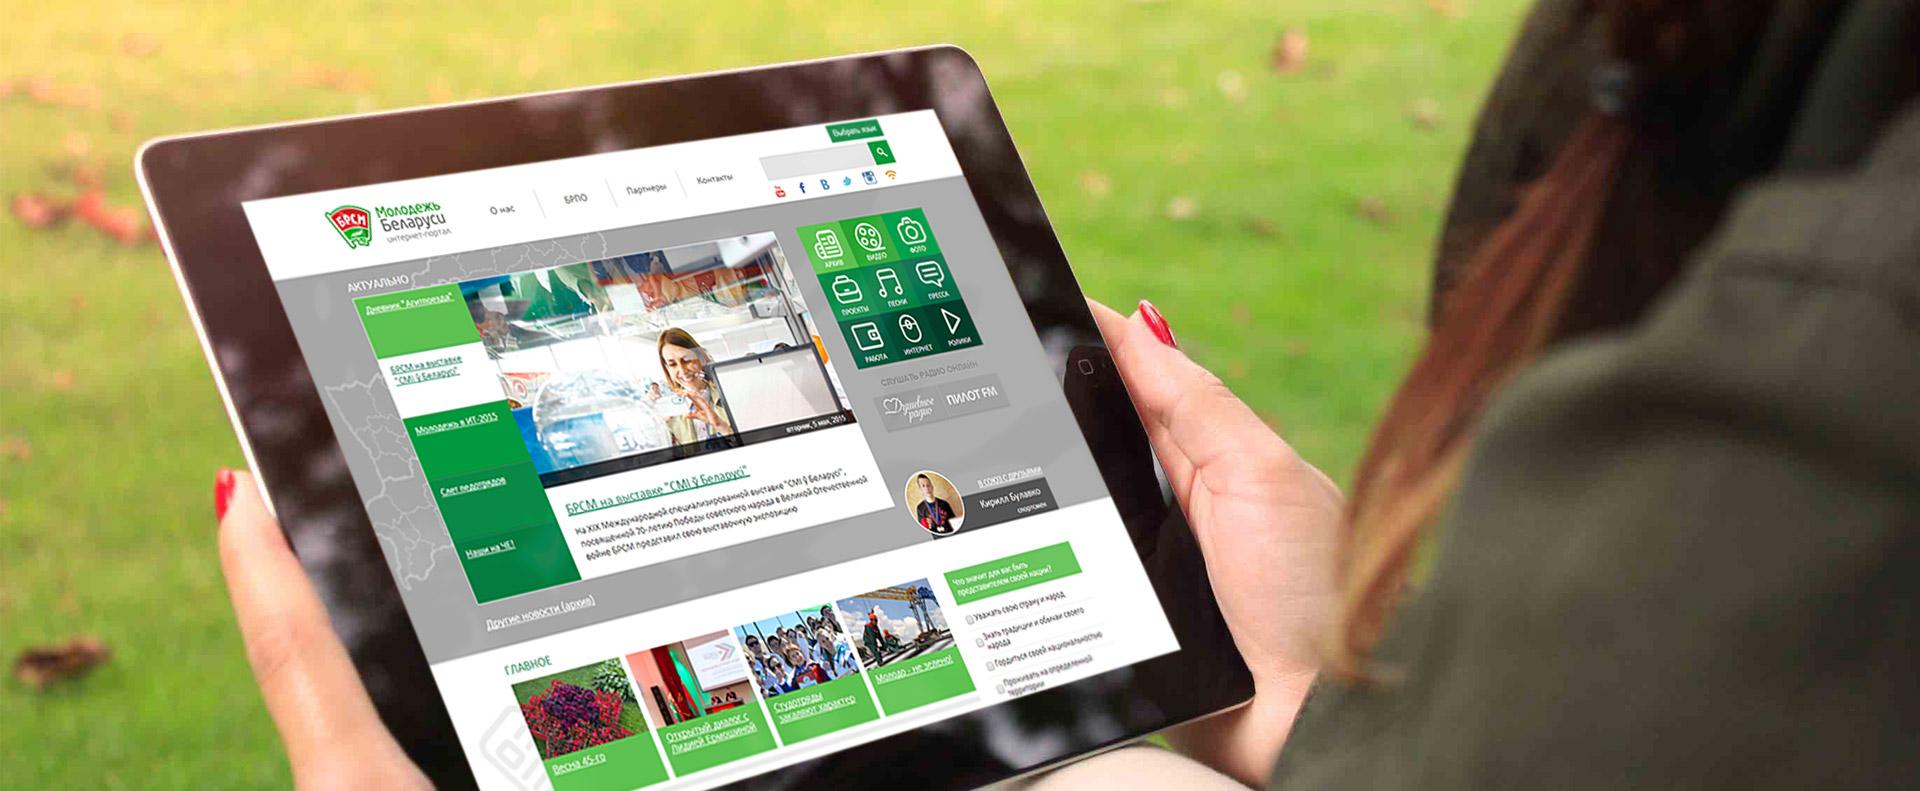 БРСМ-разработка-сайта-молодежи-Беларуси